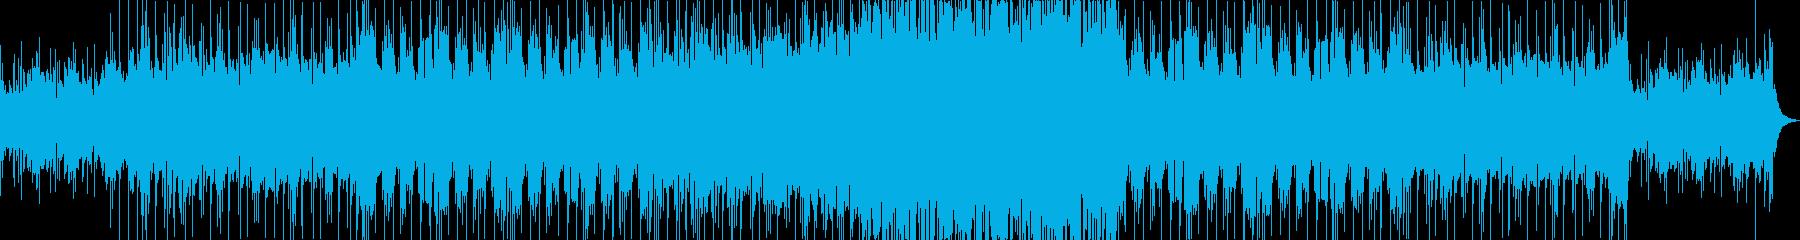 悲鳴を上げたいの再生済みの波形